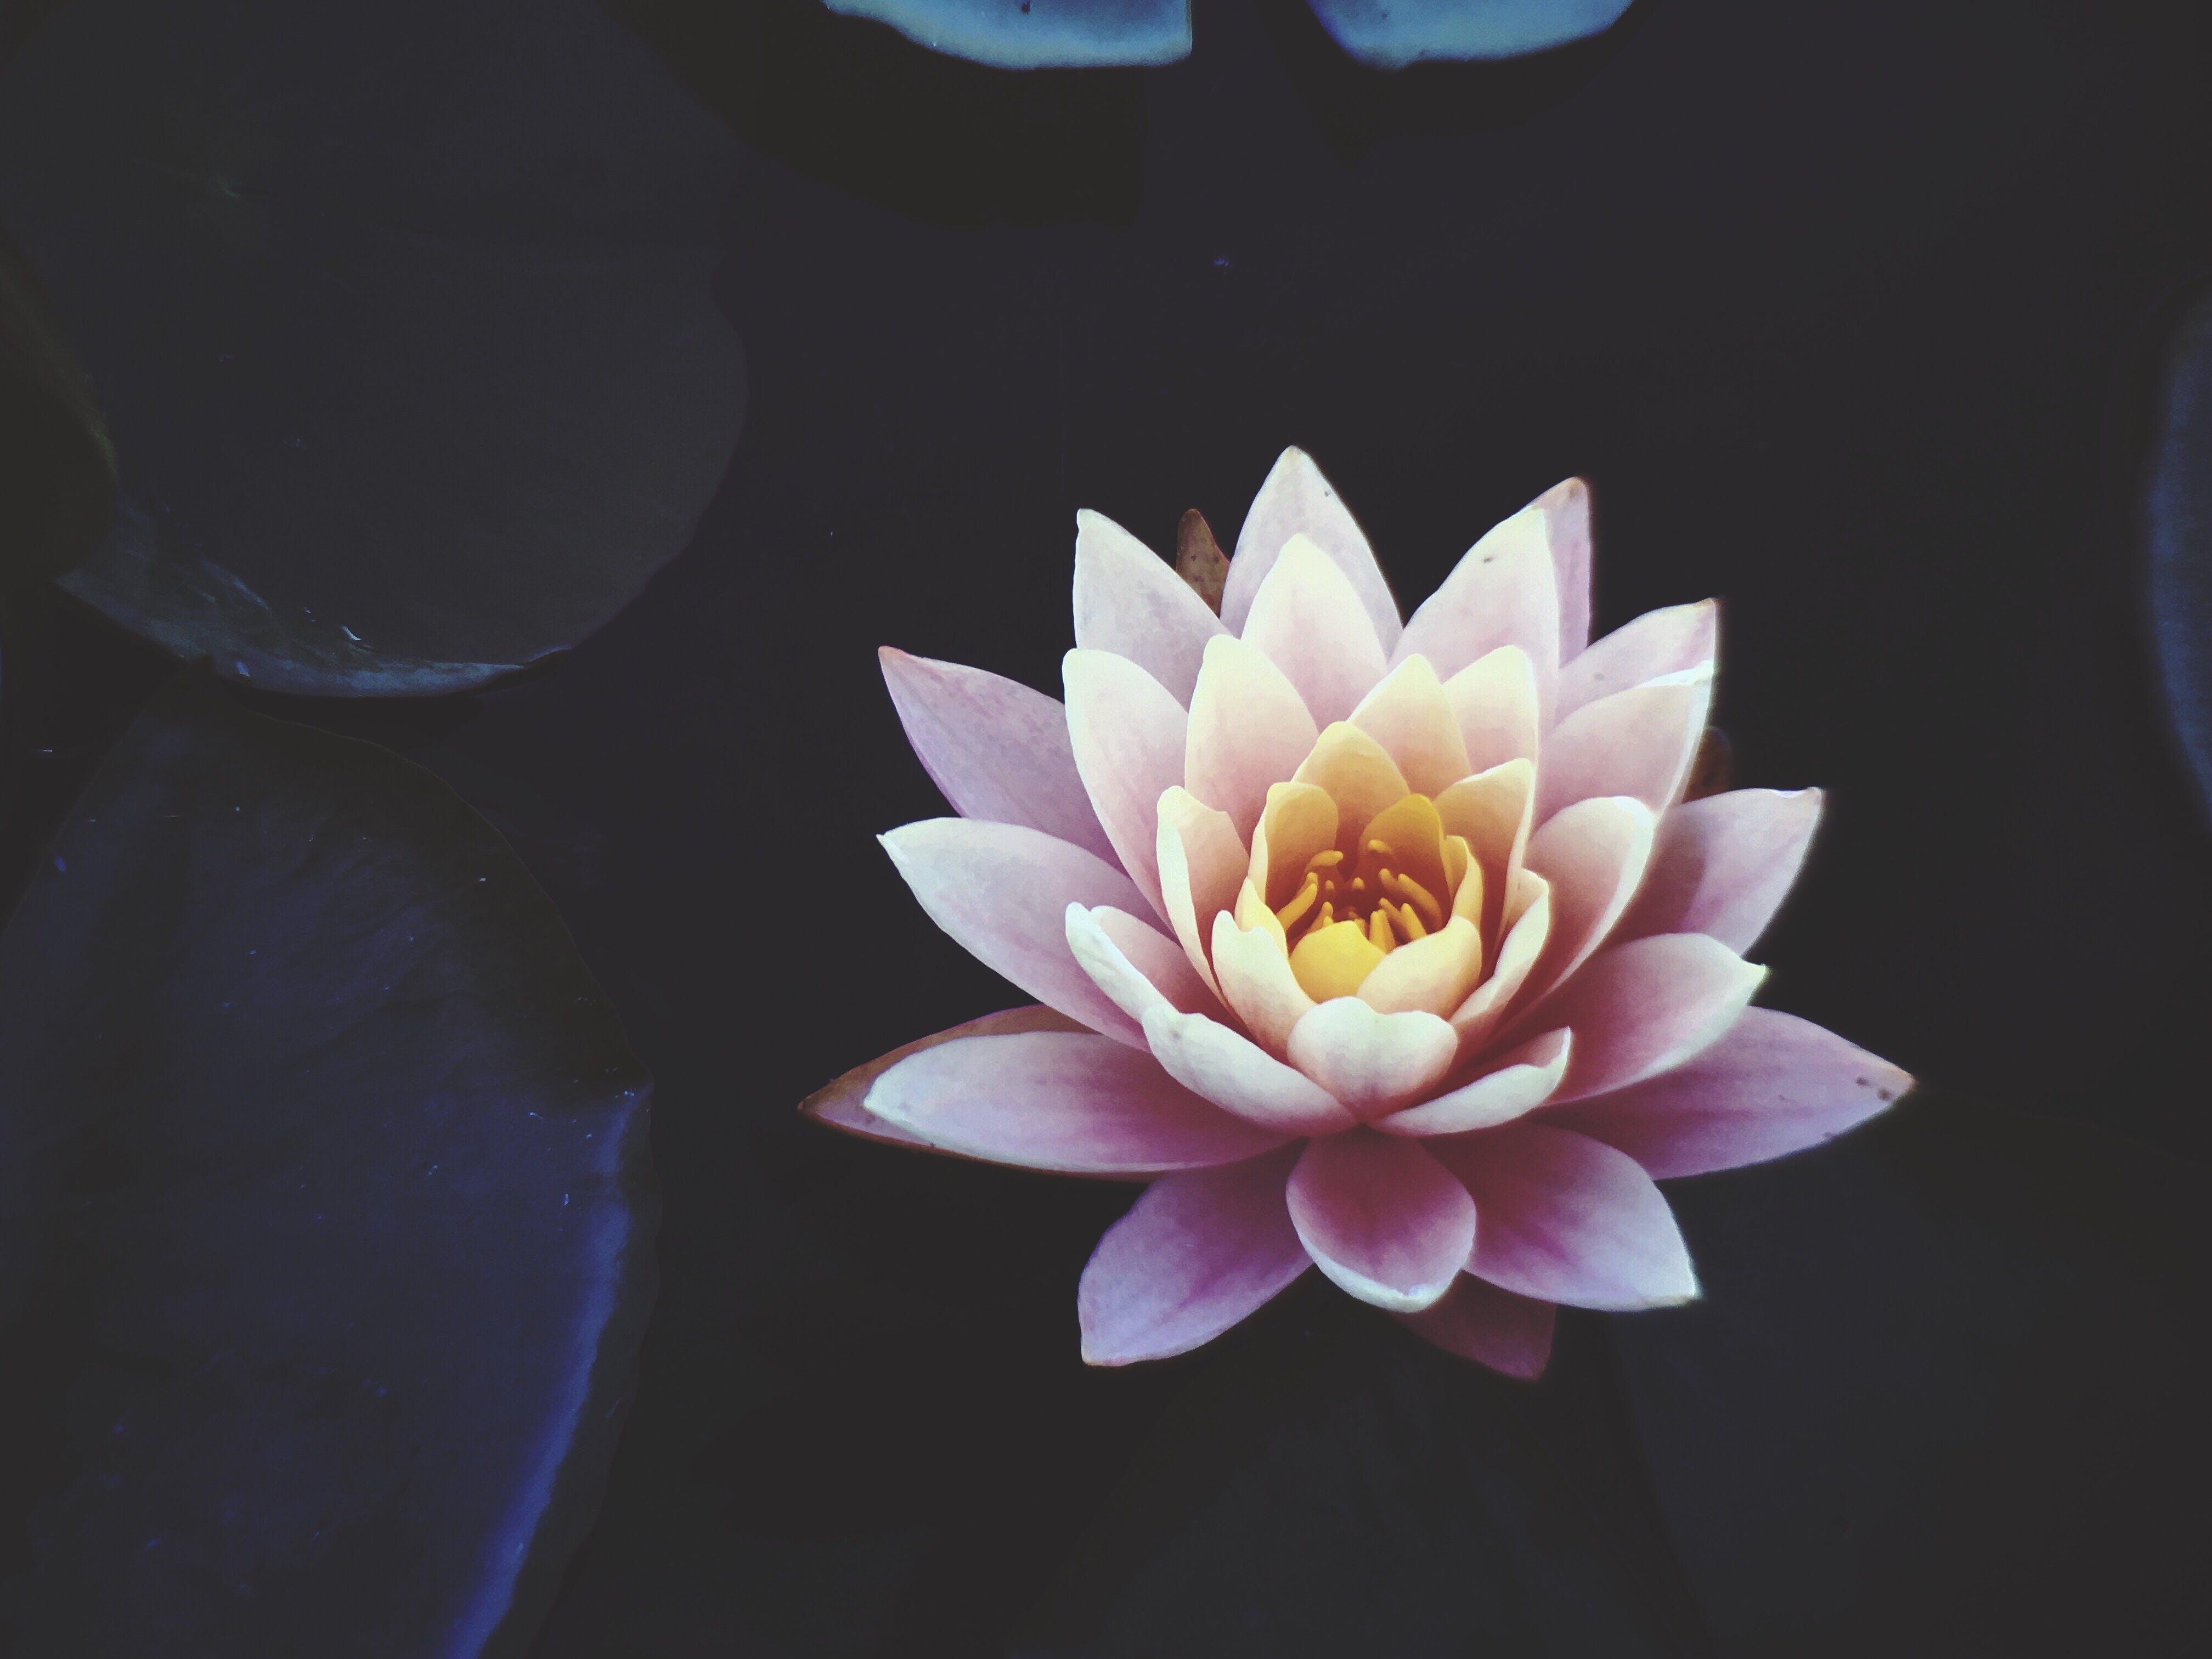 Pink Waterlily Flower in Full Bloom